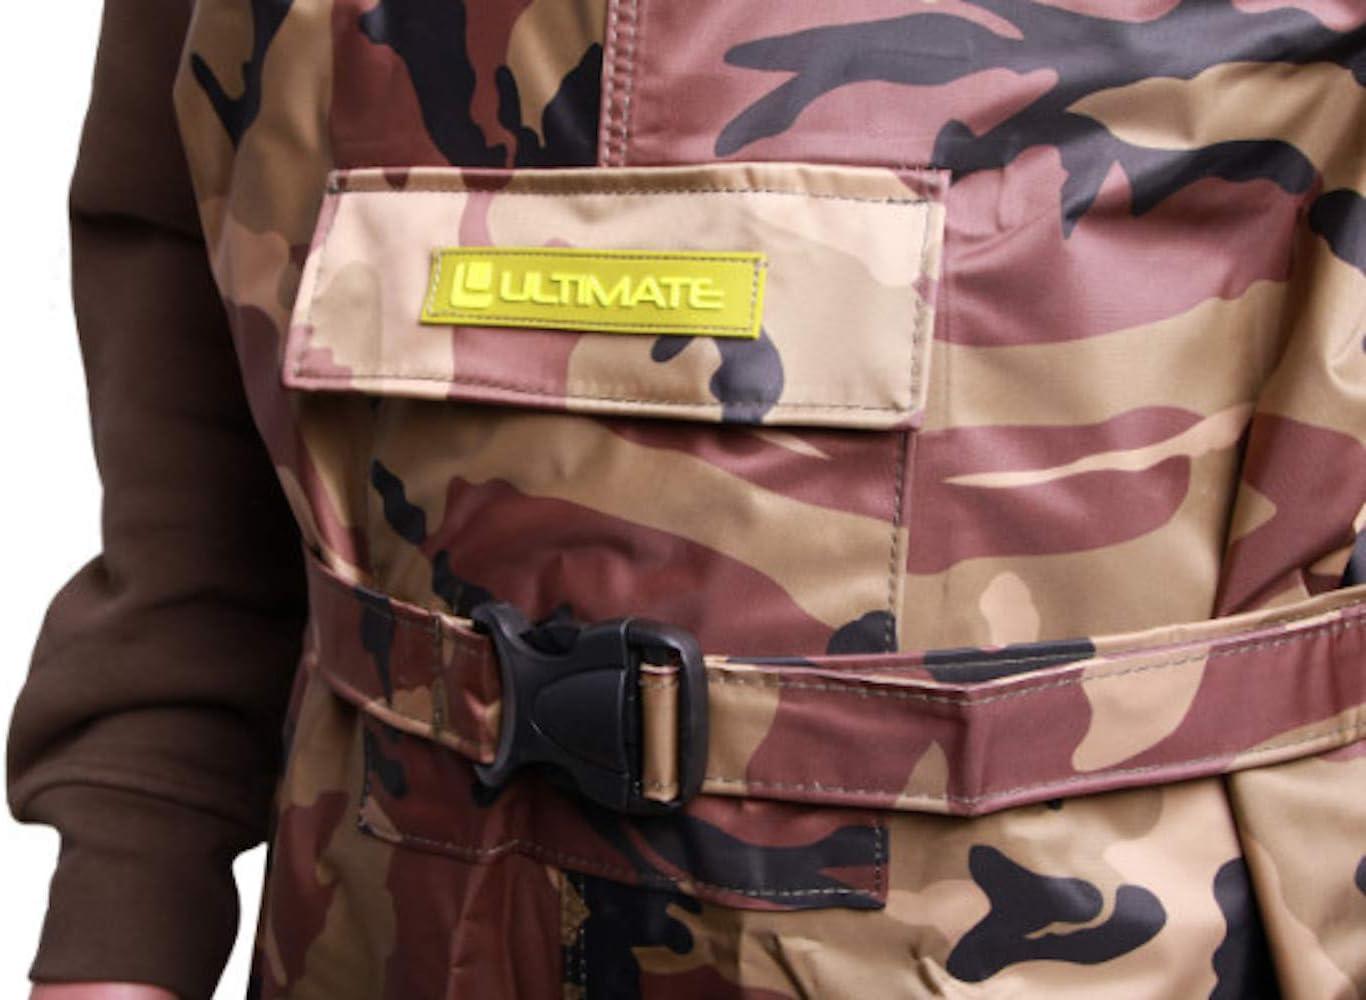 Hochwasserhose Fischerhose wasserdichte Nylon Wathose mit PVC Stiefeln Anglerhose Camouflage Print Wathose Teichhose Ultimate Camo Wathose Verschiedene Gr/ö/ßen